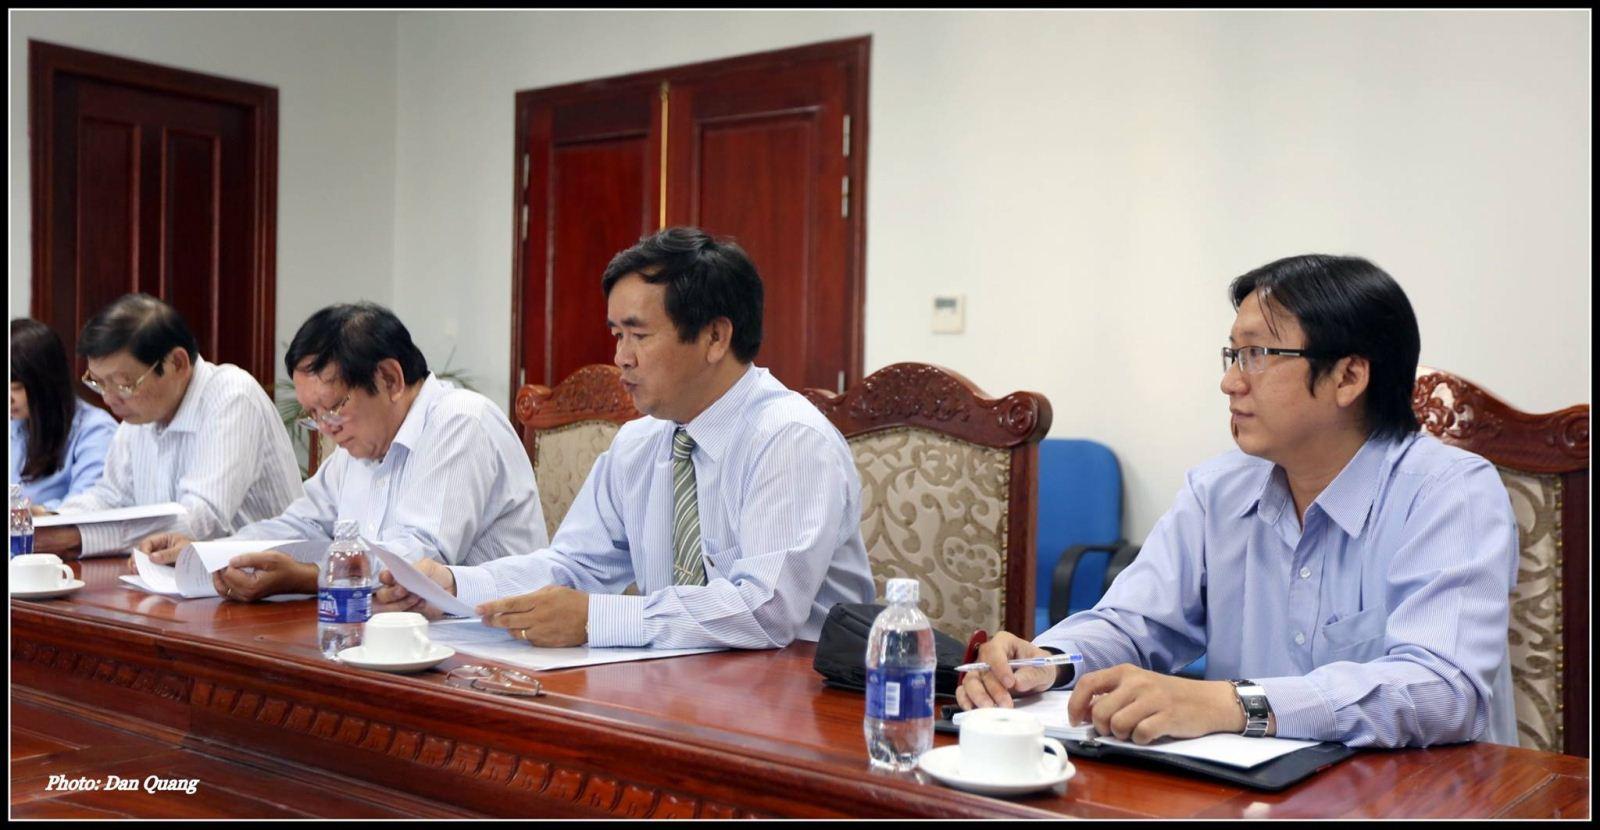 Trí Luật cùng CLB Đại lý thuế tham dự hội nghị tại Cục thuế TPHCM